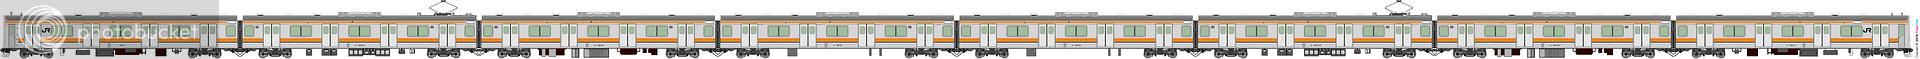 鐵路列車 1985